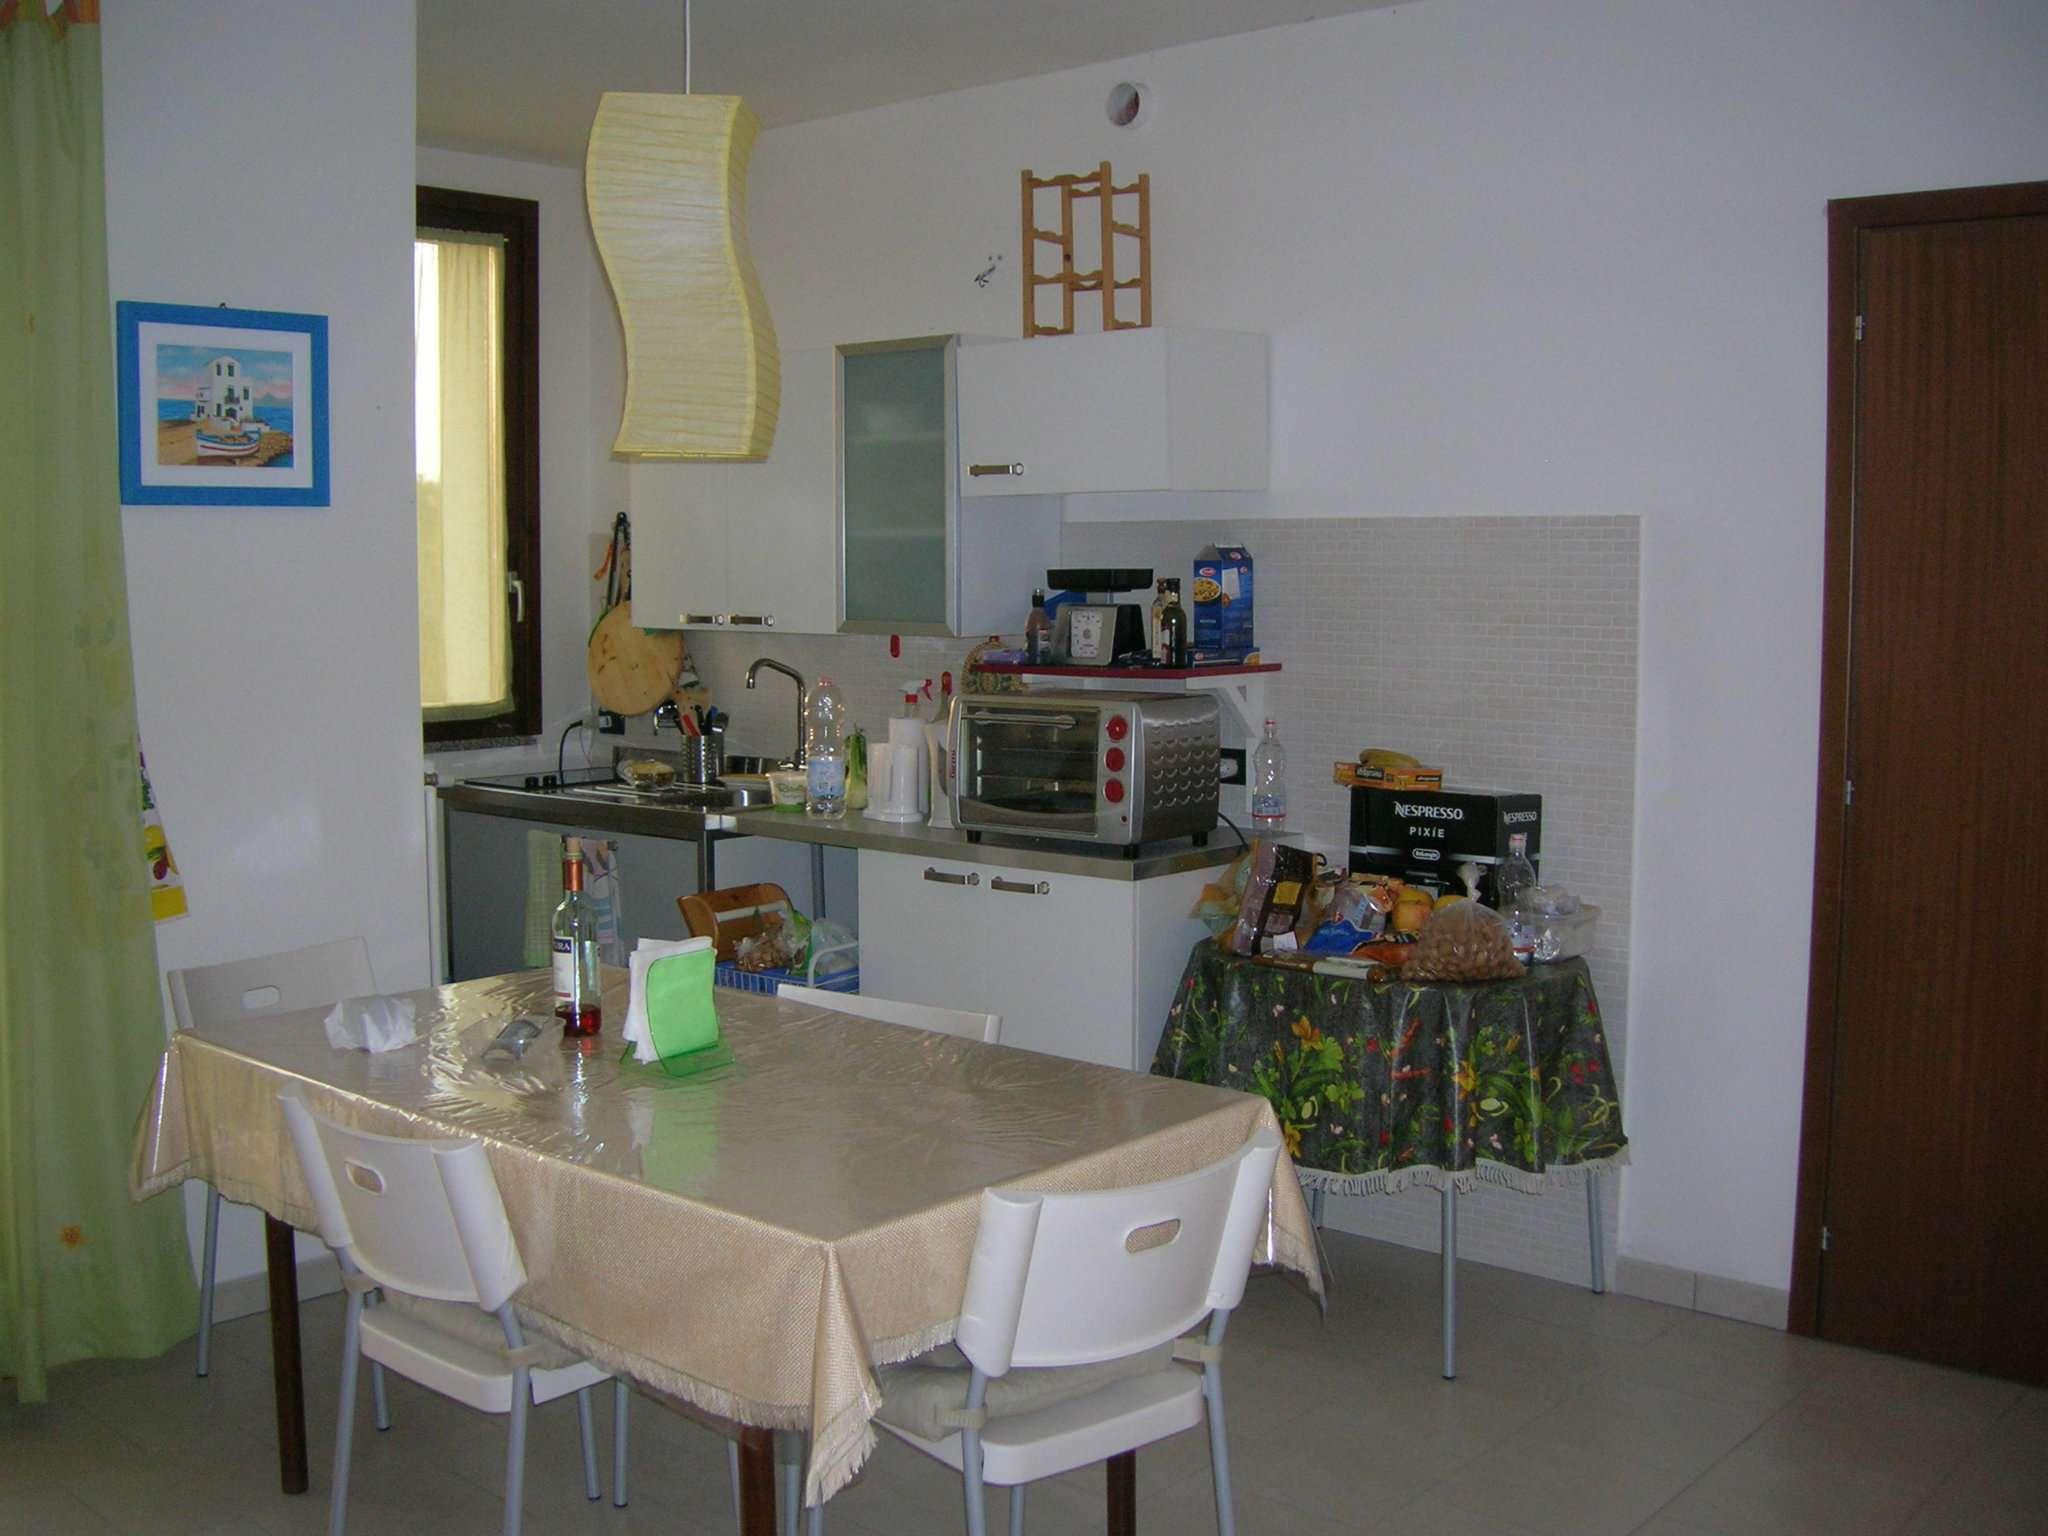 Appartamento in vendita a Quattro Castella, 3 locali, prezzo € 125.000 | PortaleAgenzieImmobiliari.it